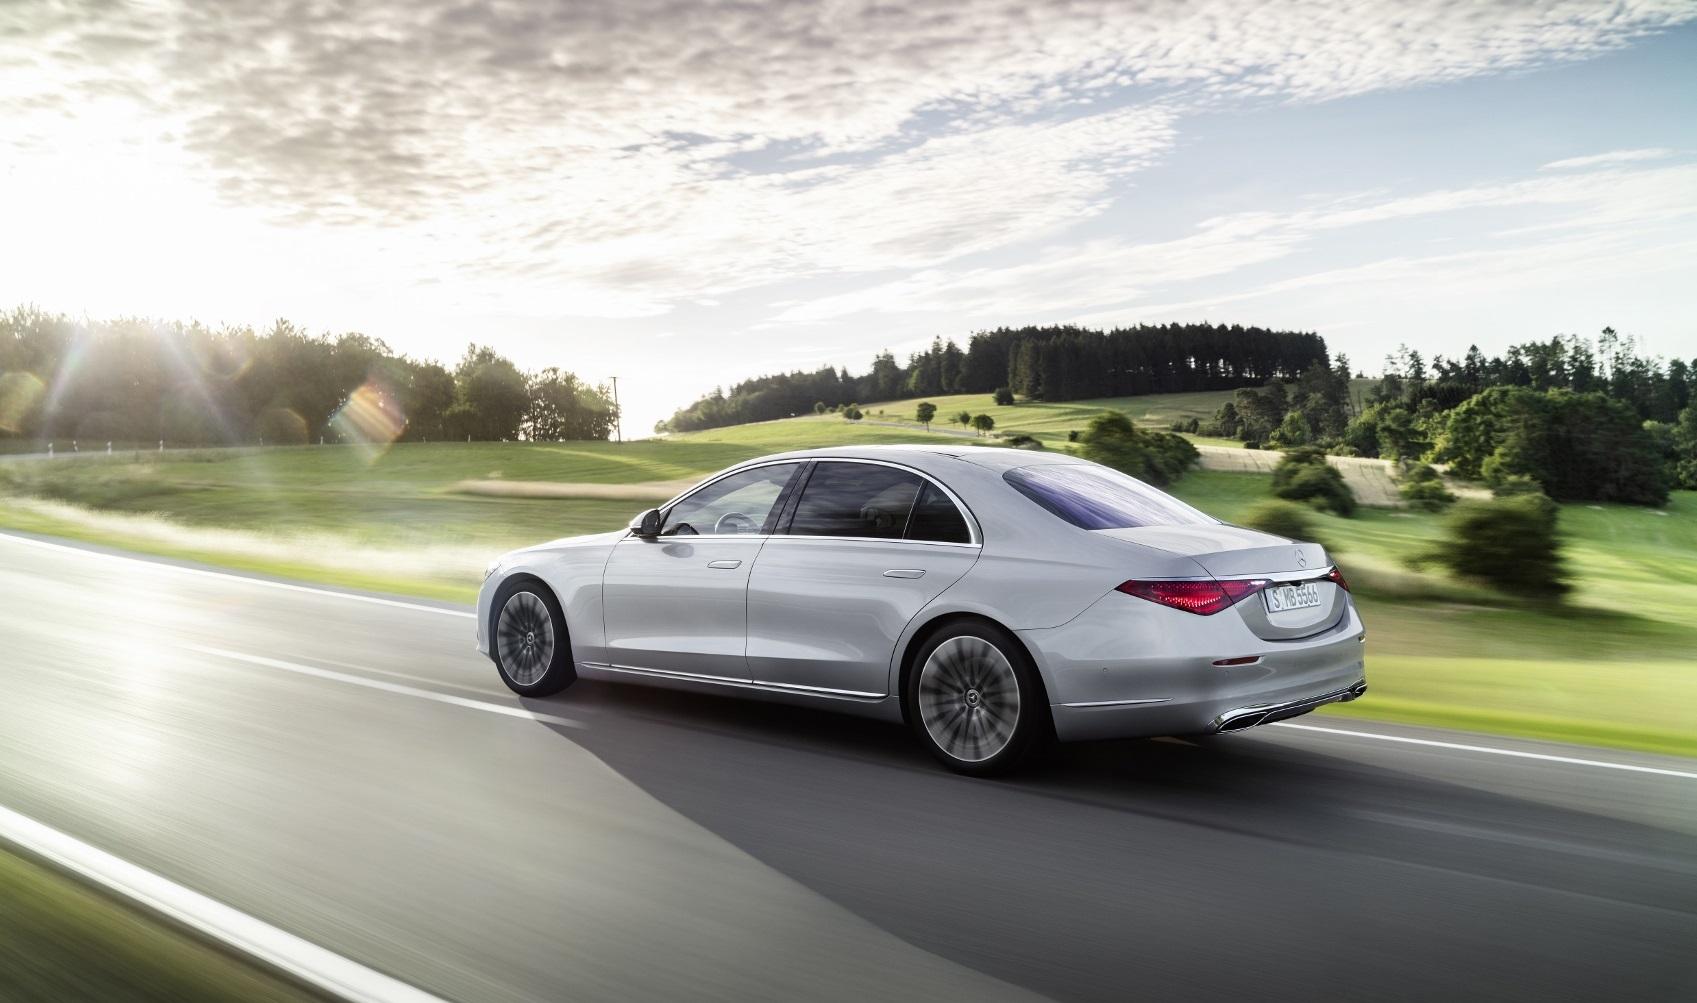 Nový Mercedes S je najpokročilejším Mercedesom v histórii gZx9F5hN1b 20c0358029-1700x1133